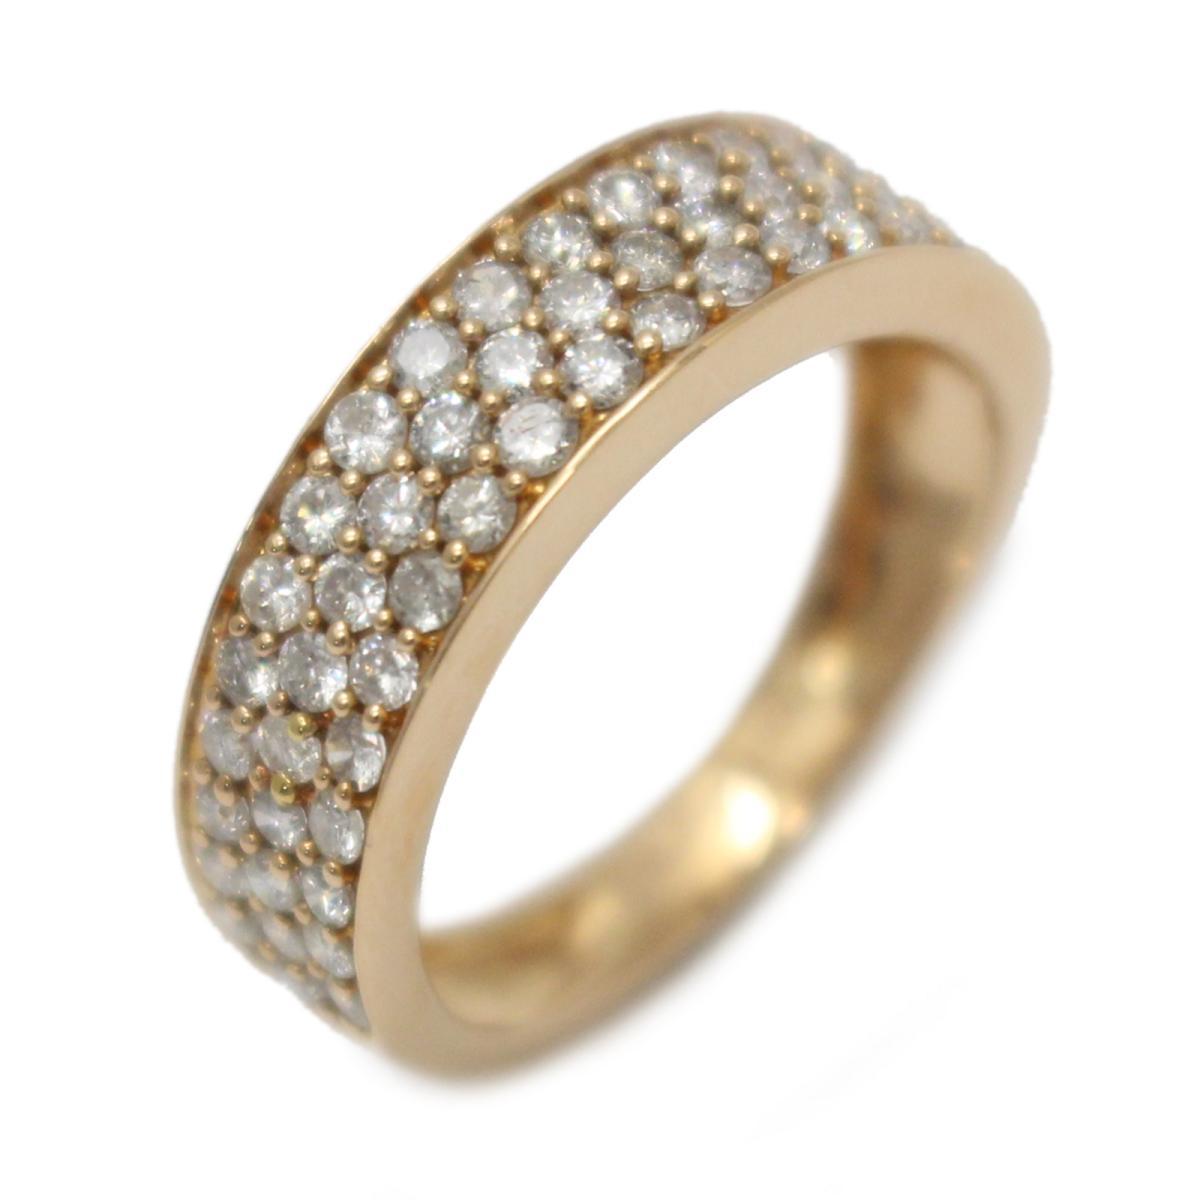 【中古】 ジュエリー ダイヤモンド リング 指輪 レディース K18PG (750) ピンクゴールド x (0.61ct) | JEWELRY BRANDOFF ブランドオフ アクセサリー